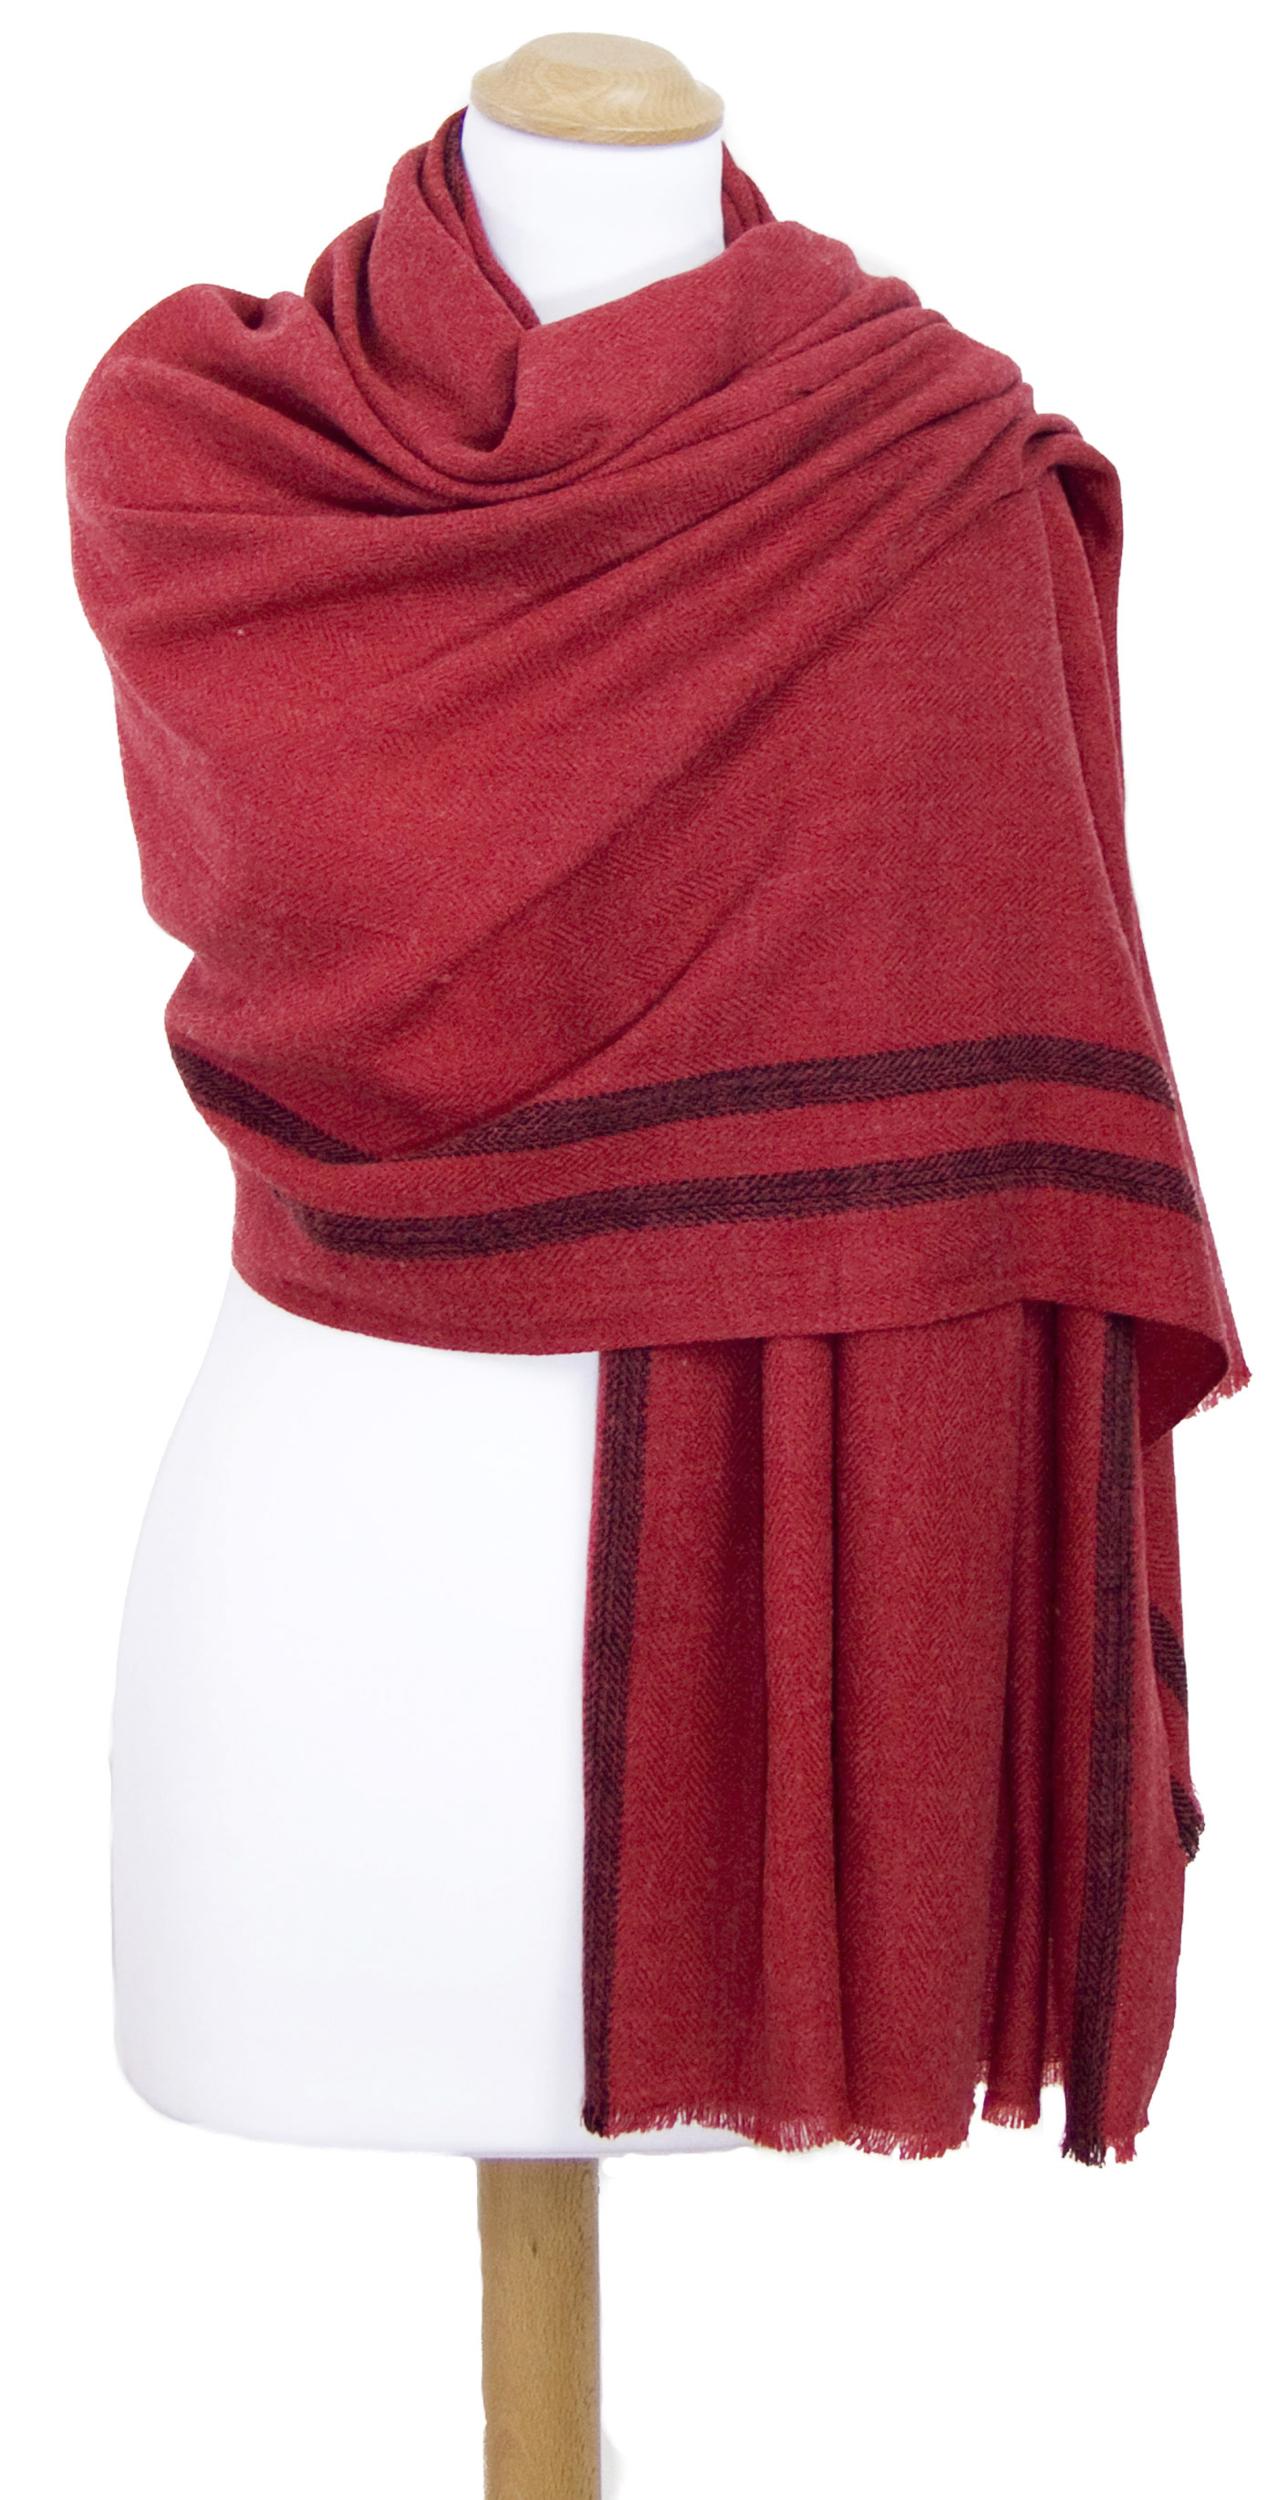 Etole laine fine rouge tissée avec rayures